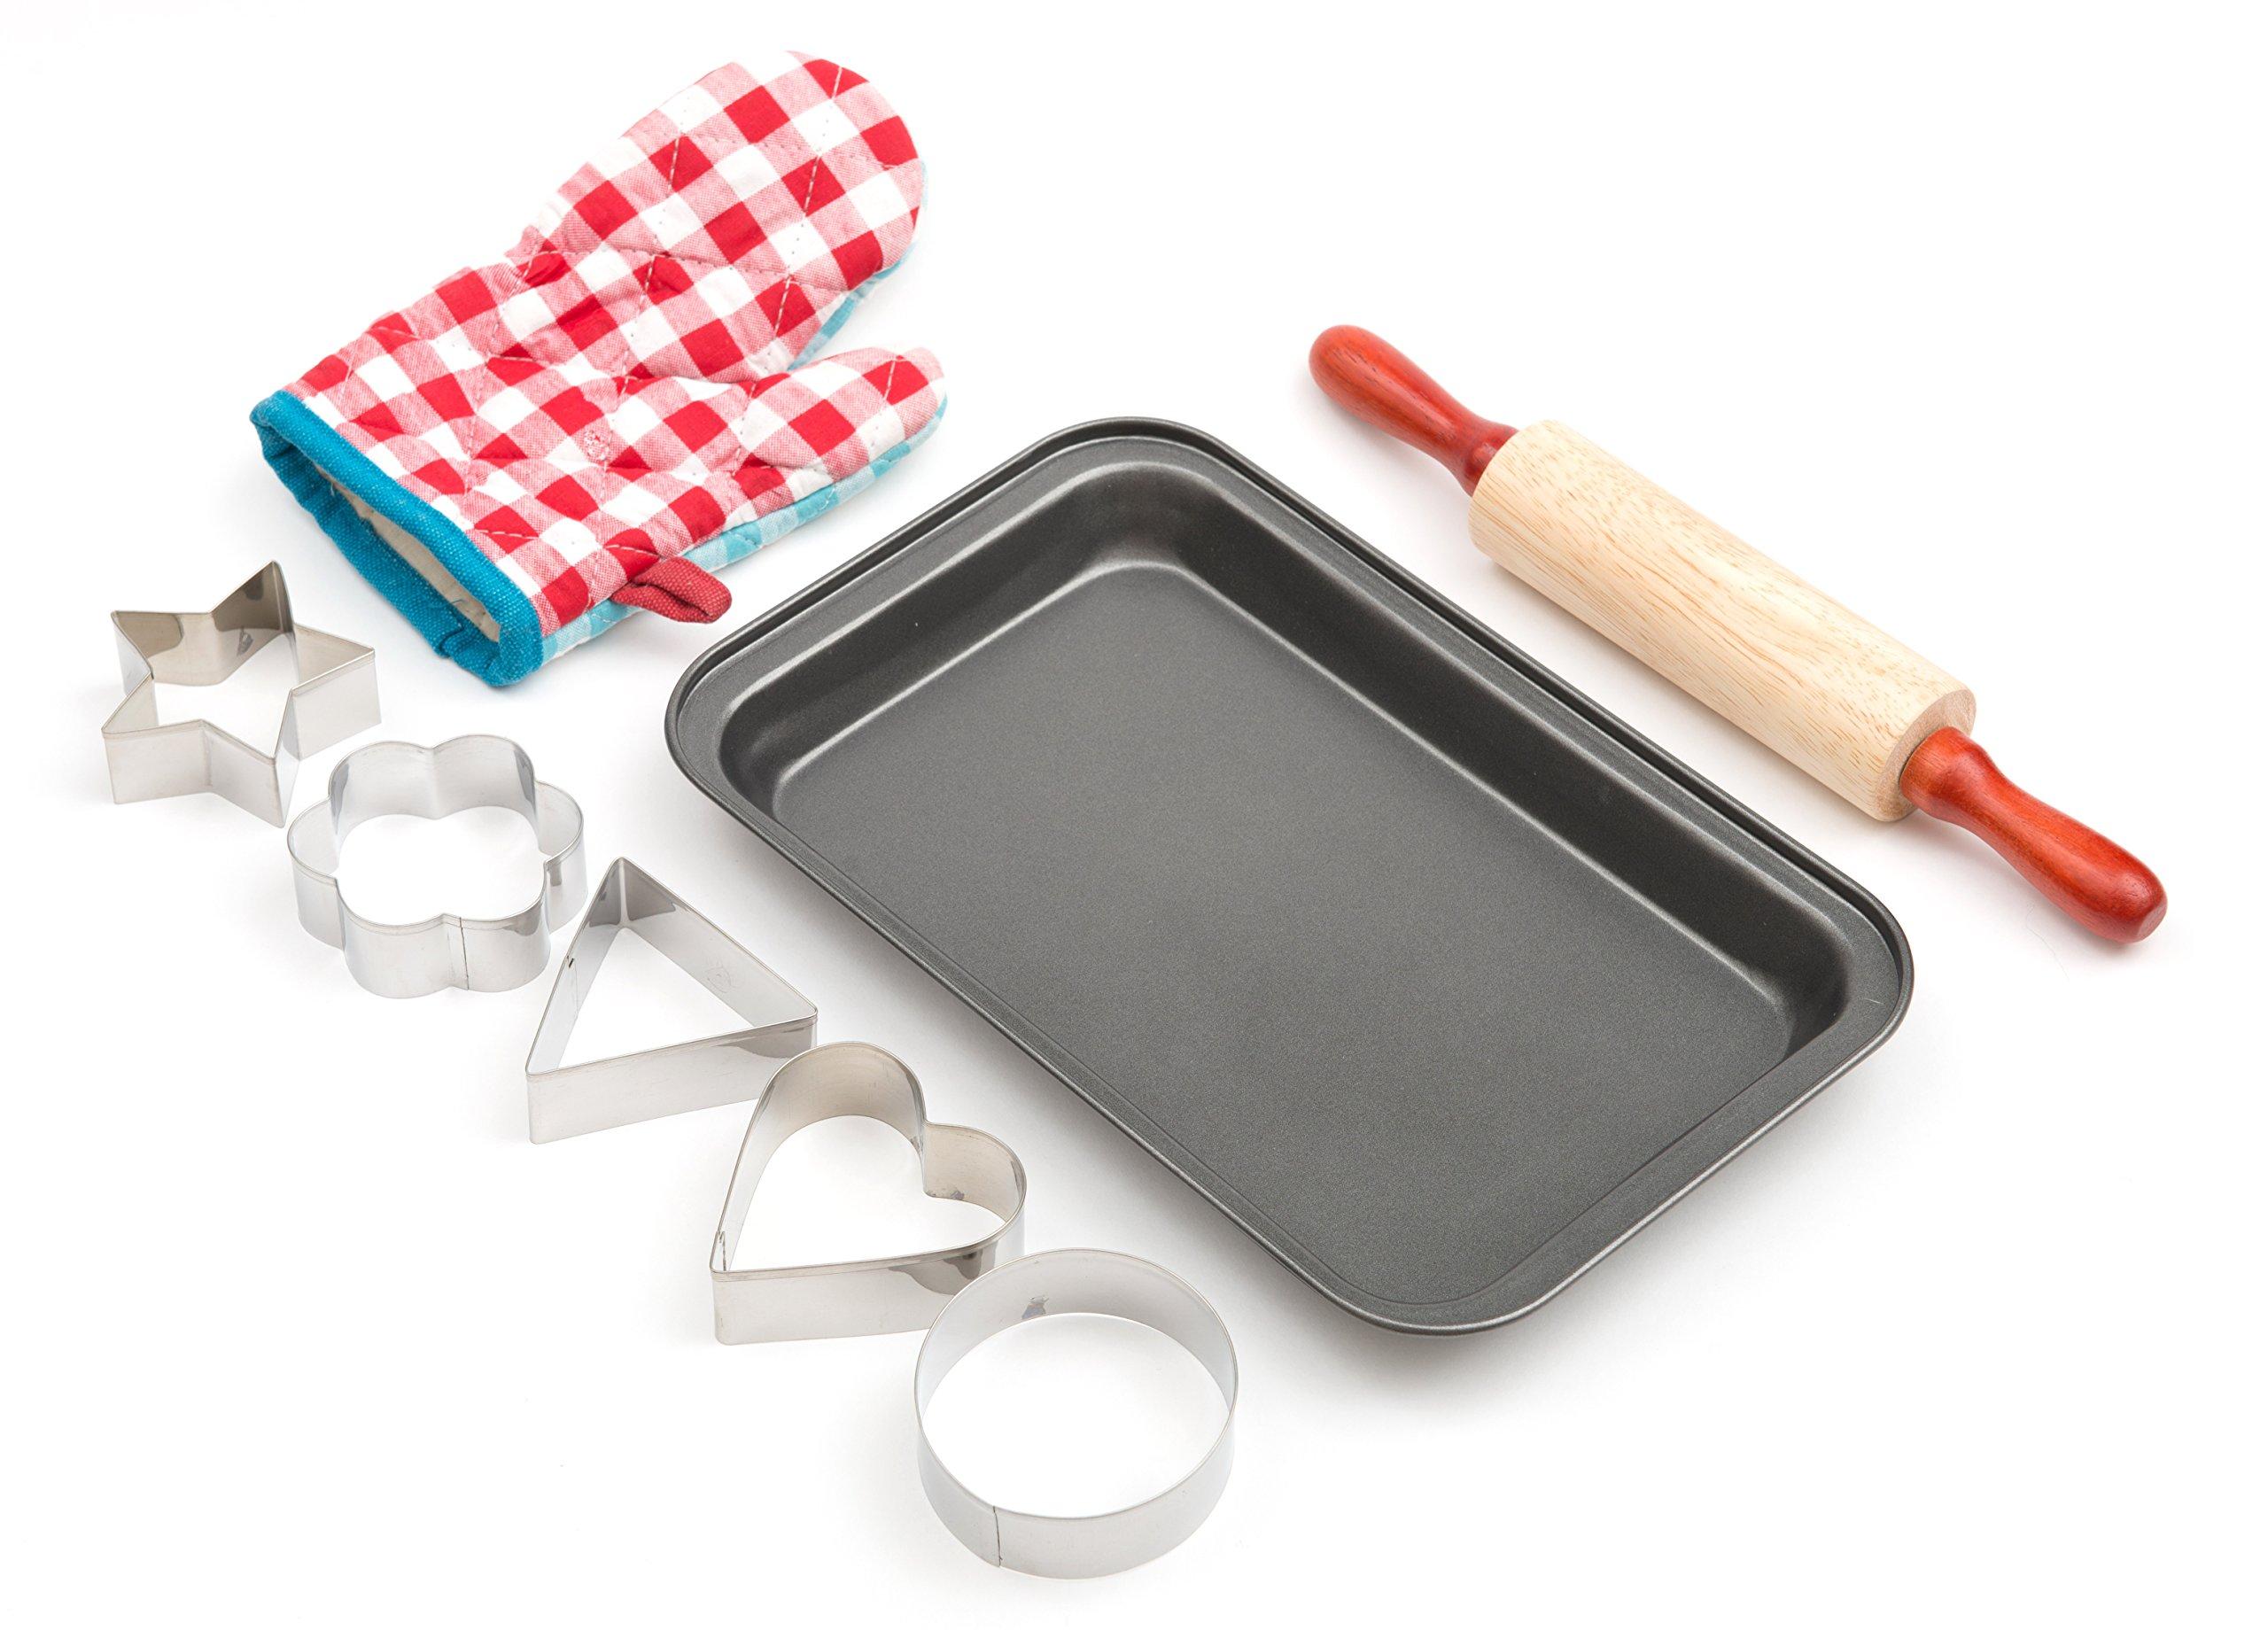 Kids Real Baking Gift Set for Kids/Teens 8 pcs  sc 1 st  Amazon.com & Baking Gift Sets: Amazon.com